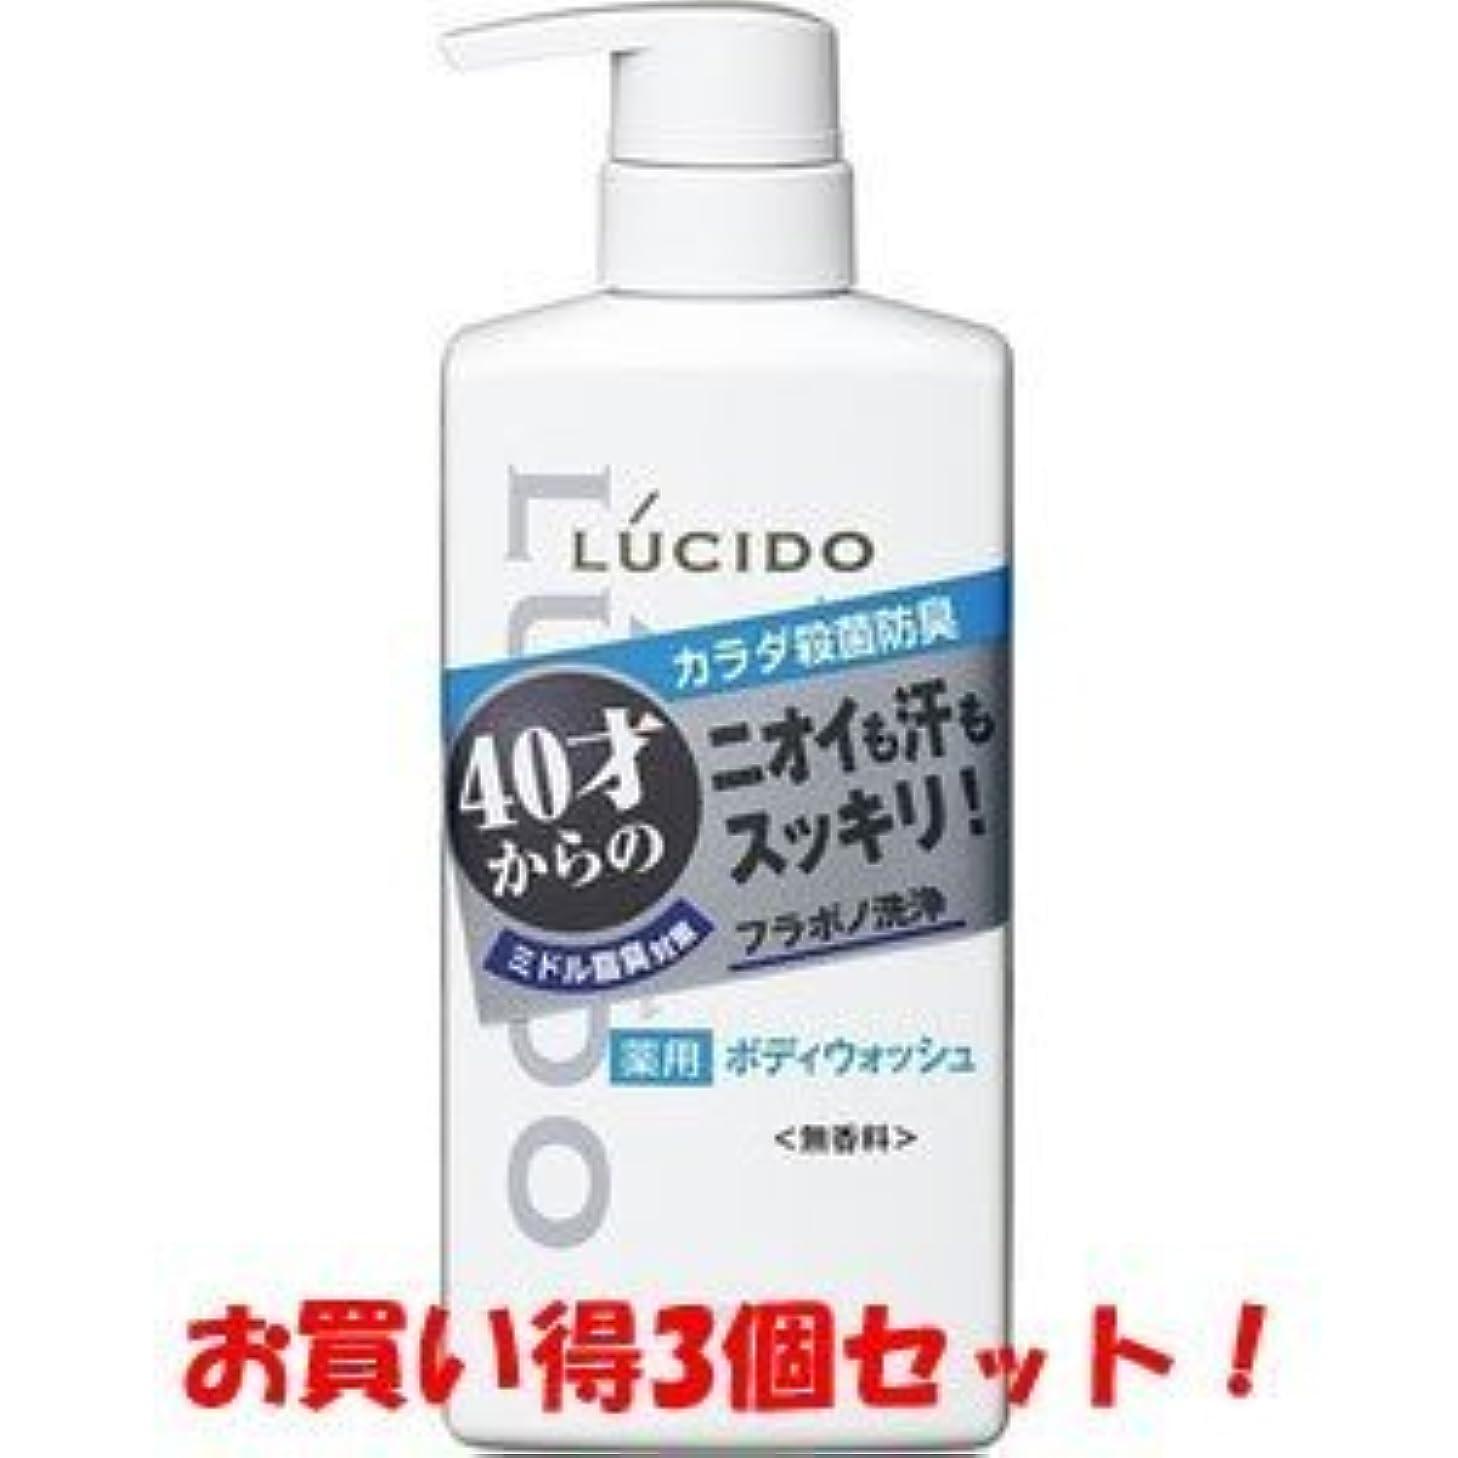 誓い環境リスク【LUCIDO】ルシード 薬用デオドラントボディウォッシュ 450ml(医薬部外品)(お買い得3個セット)